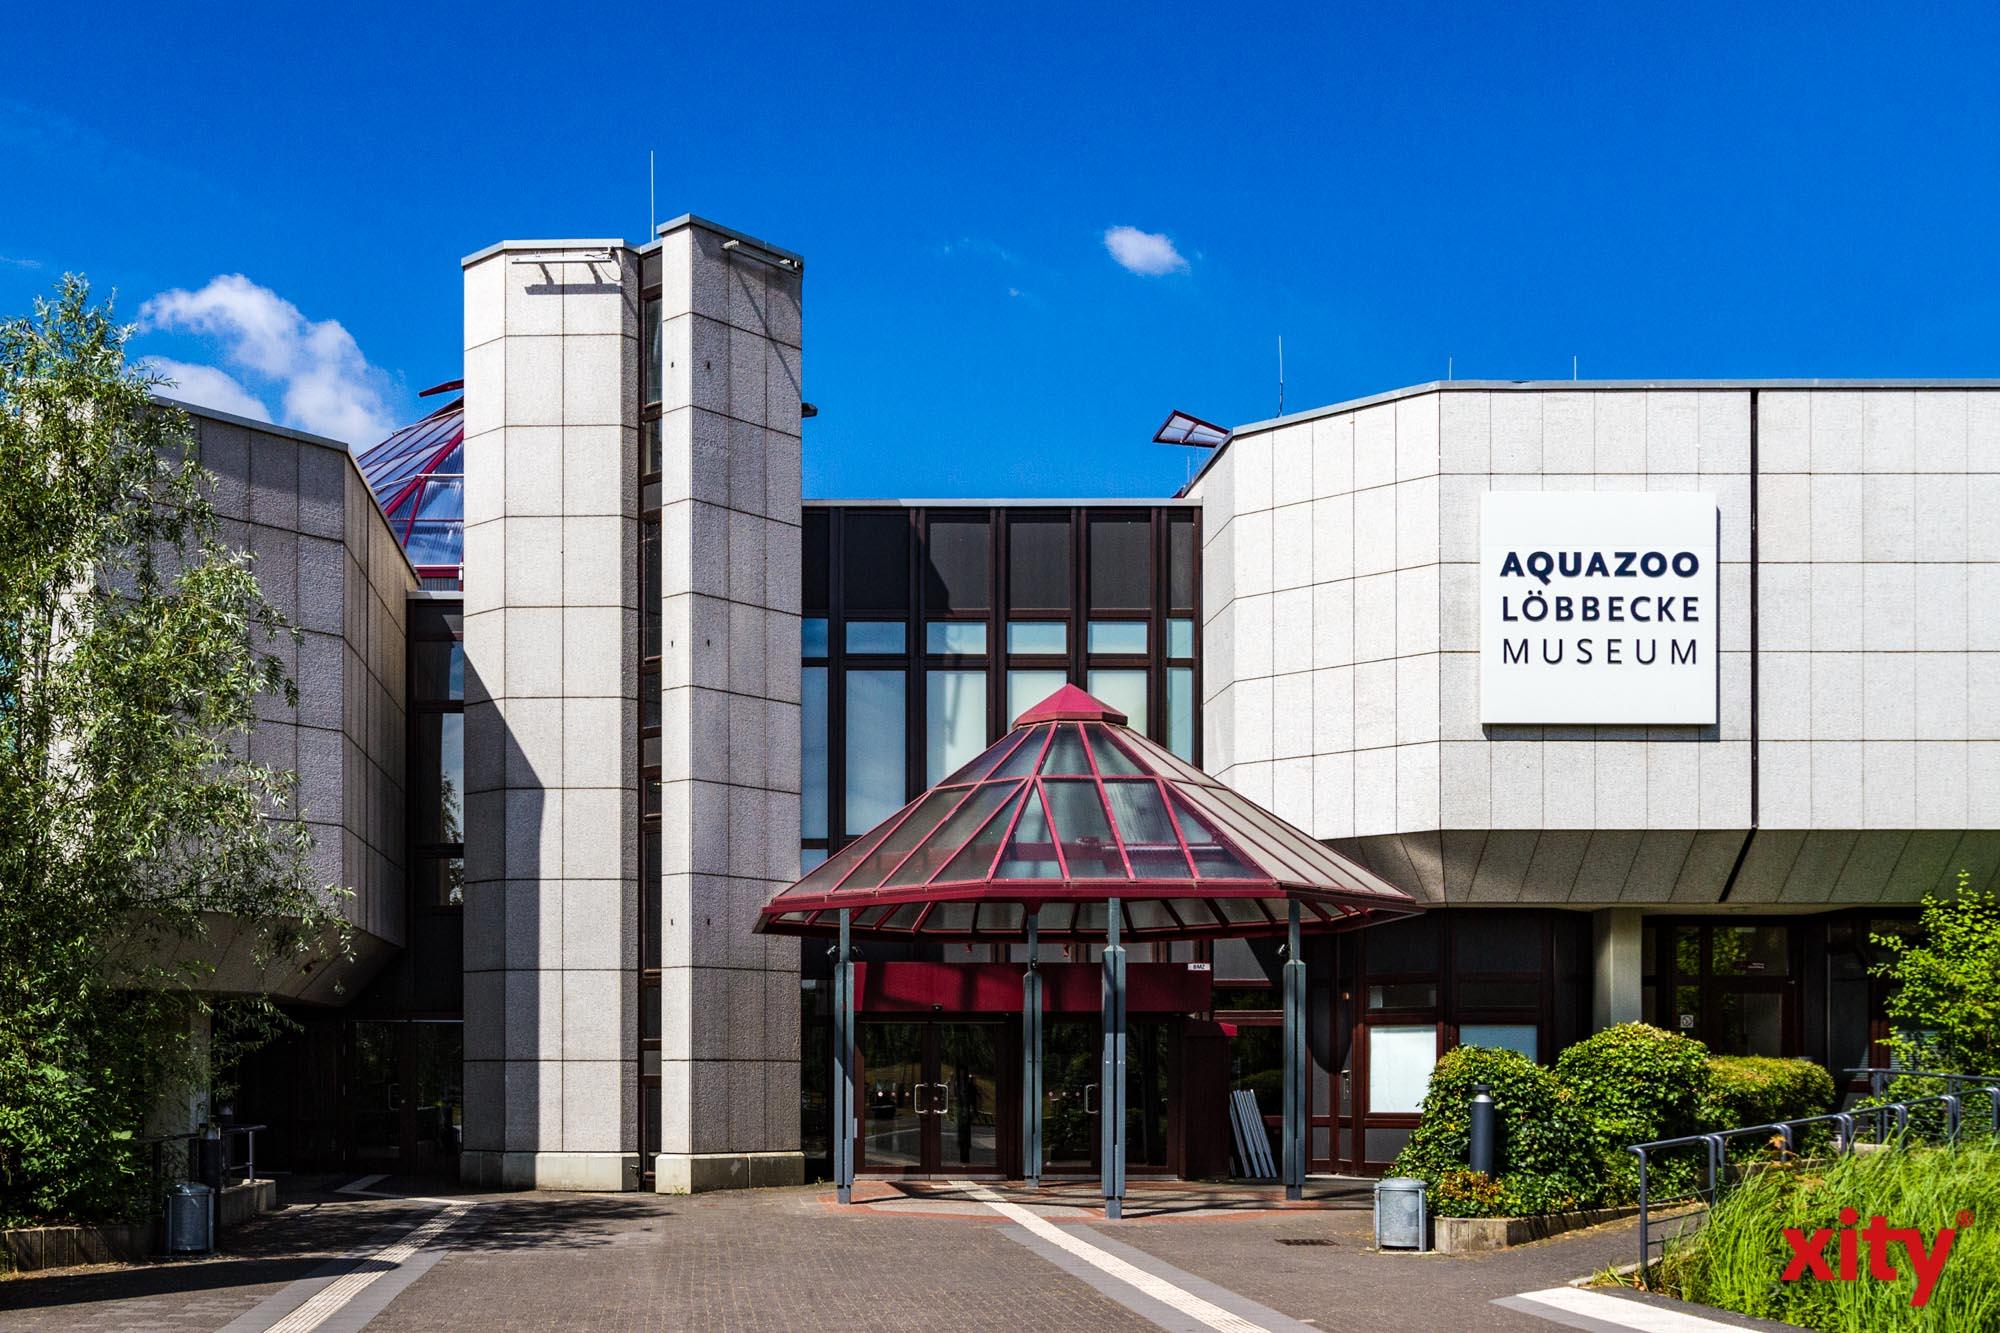 Besucherinnen und Besucher können nach vorheriger Terminvereinbarung wieder Kulturinstitute erkunden(Foto: xity)